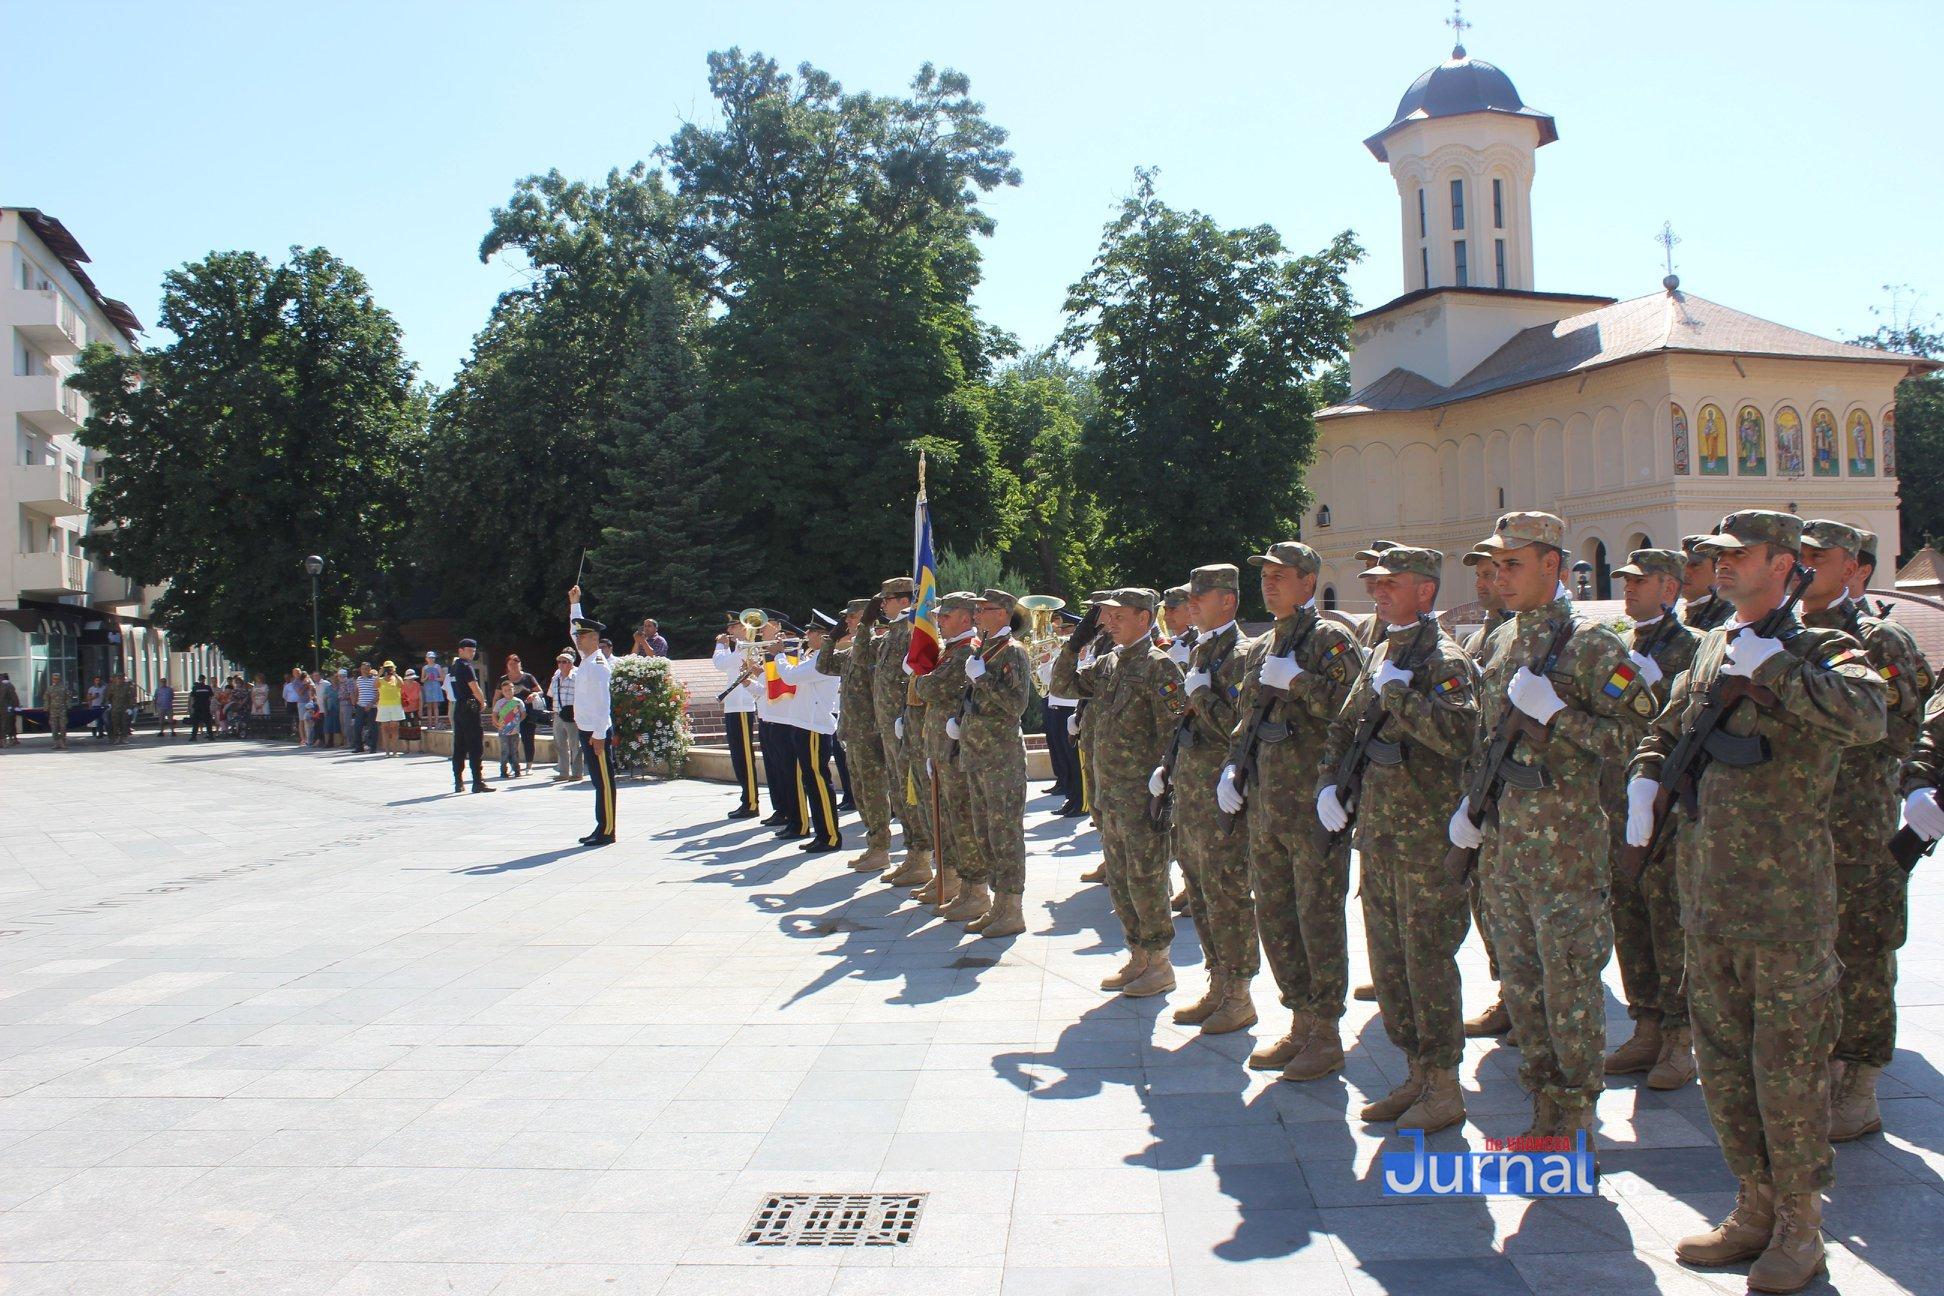 drapel 4 - GALERIE FOTO: Ceremonie la Focșani de Ziua Drapelului